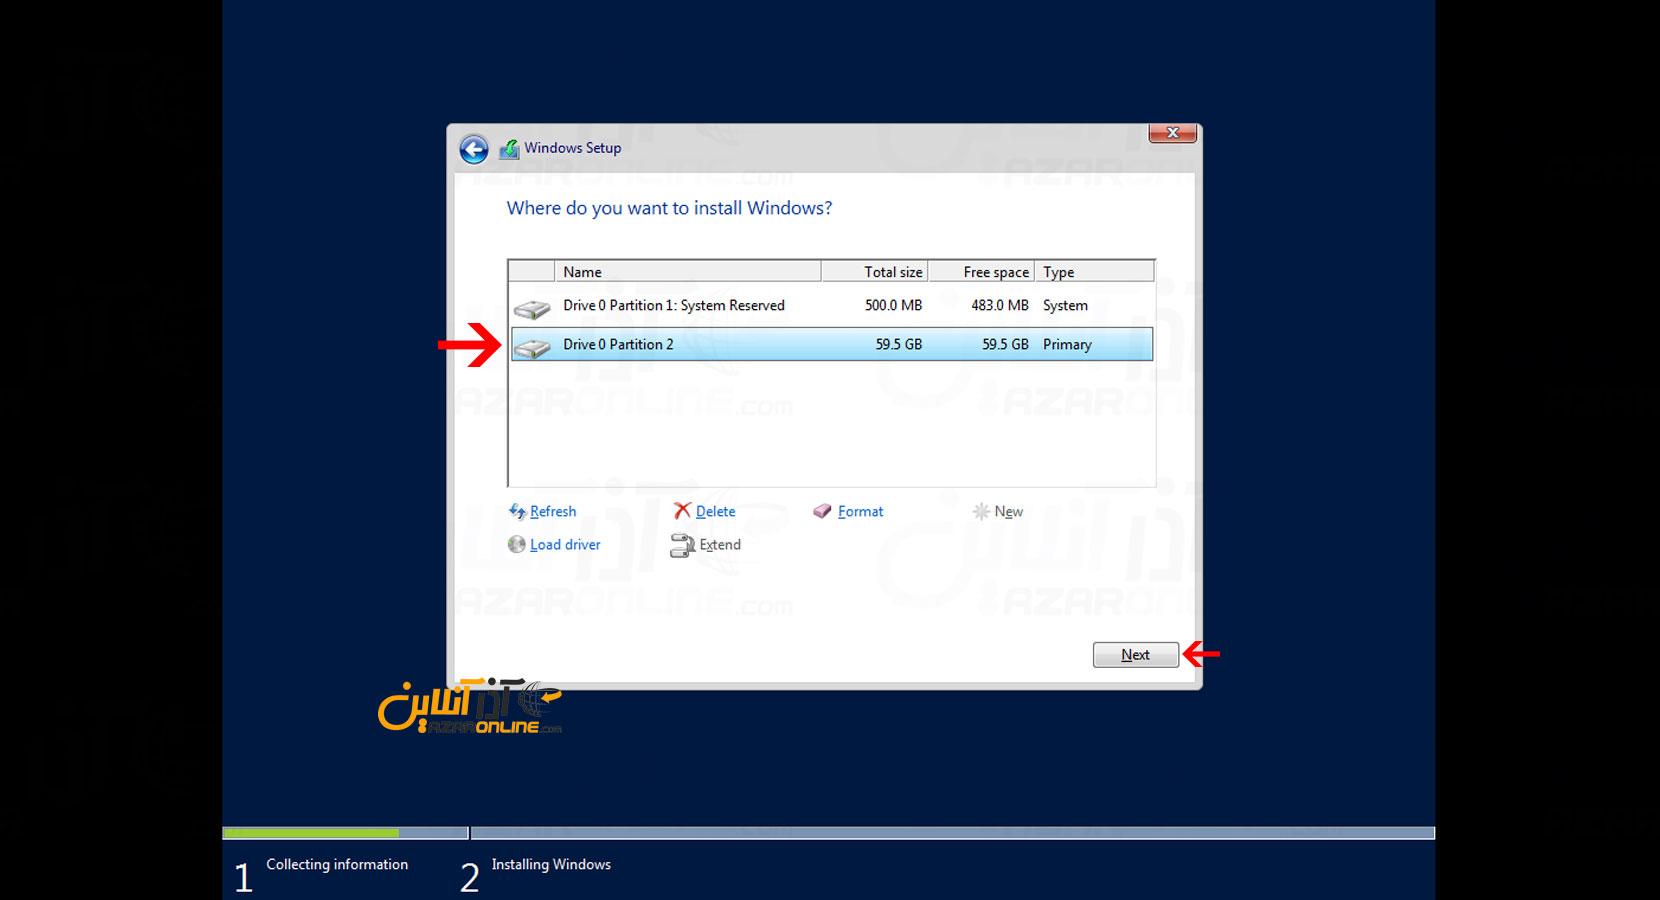 آموزش نصب ویندوز سرور 2016 در vmware - ساخته شدن پارتیشن